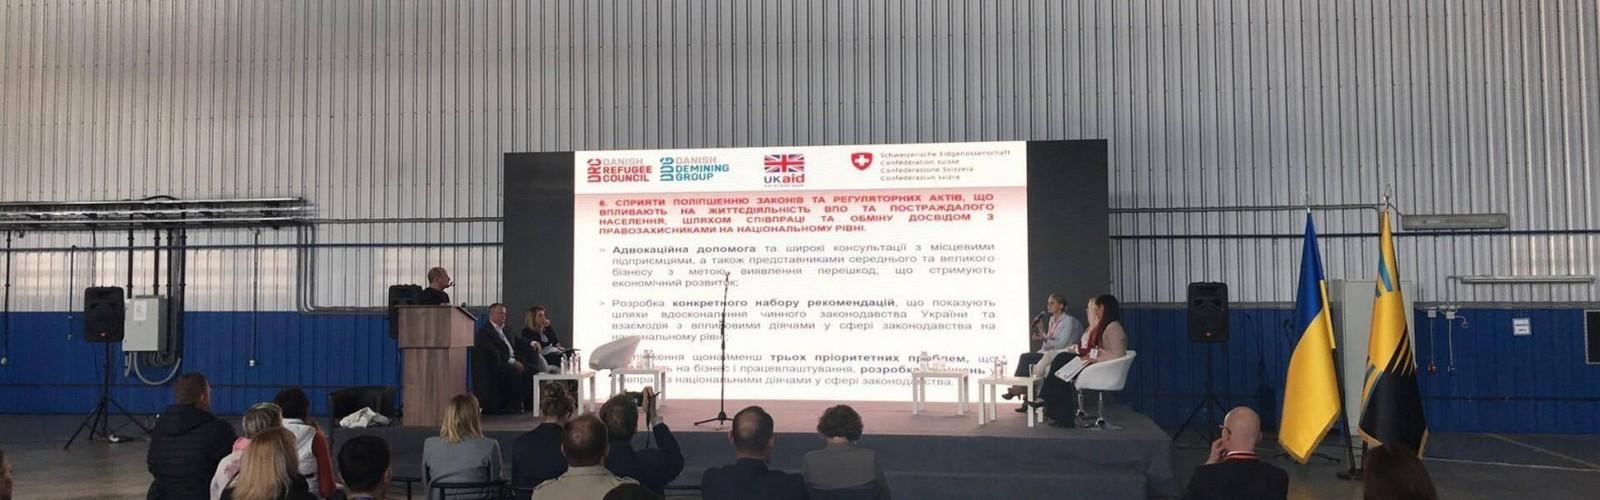 IT-шник Станіслав Євченко став єдиним маріупольцем на міжнародній виставці в Краматорську